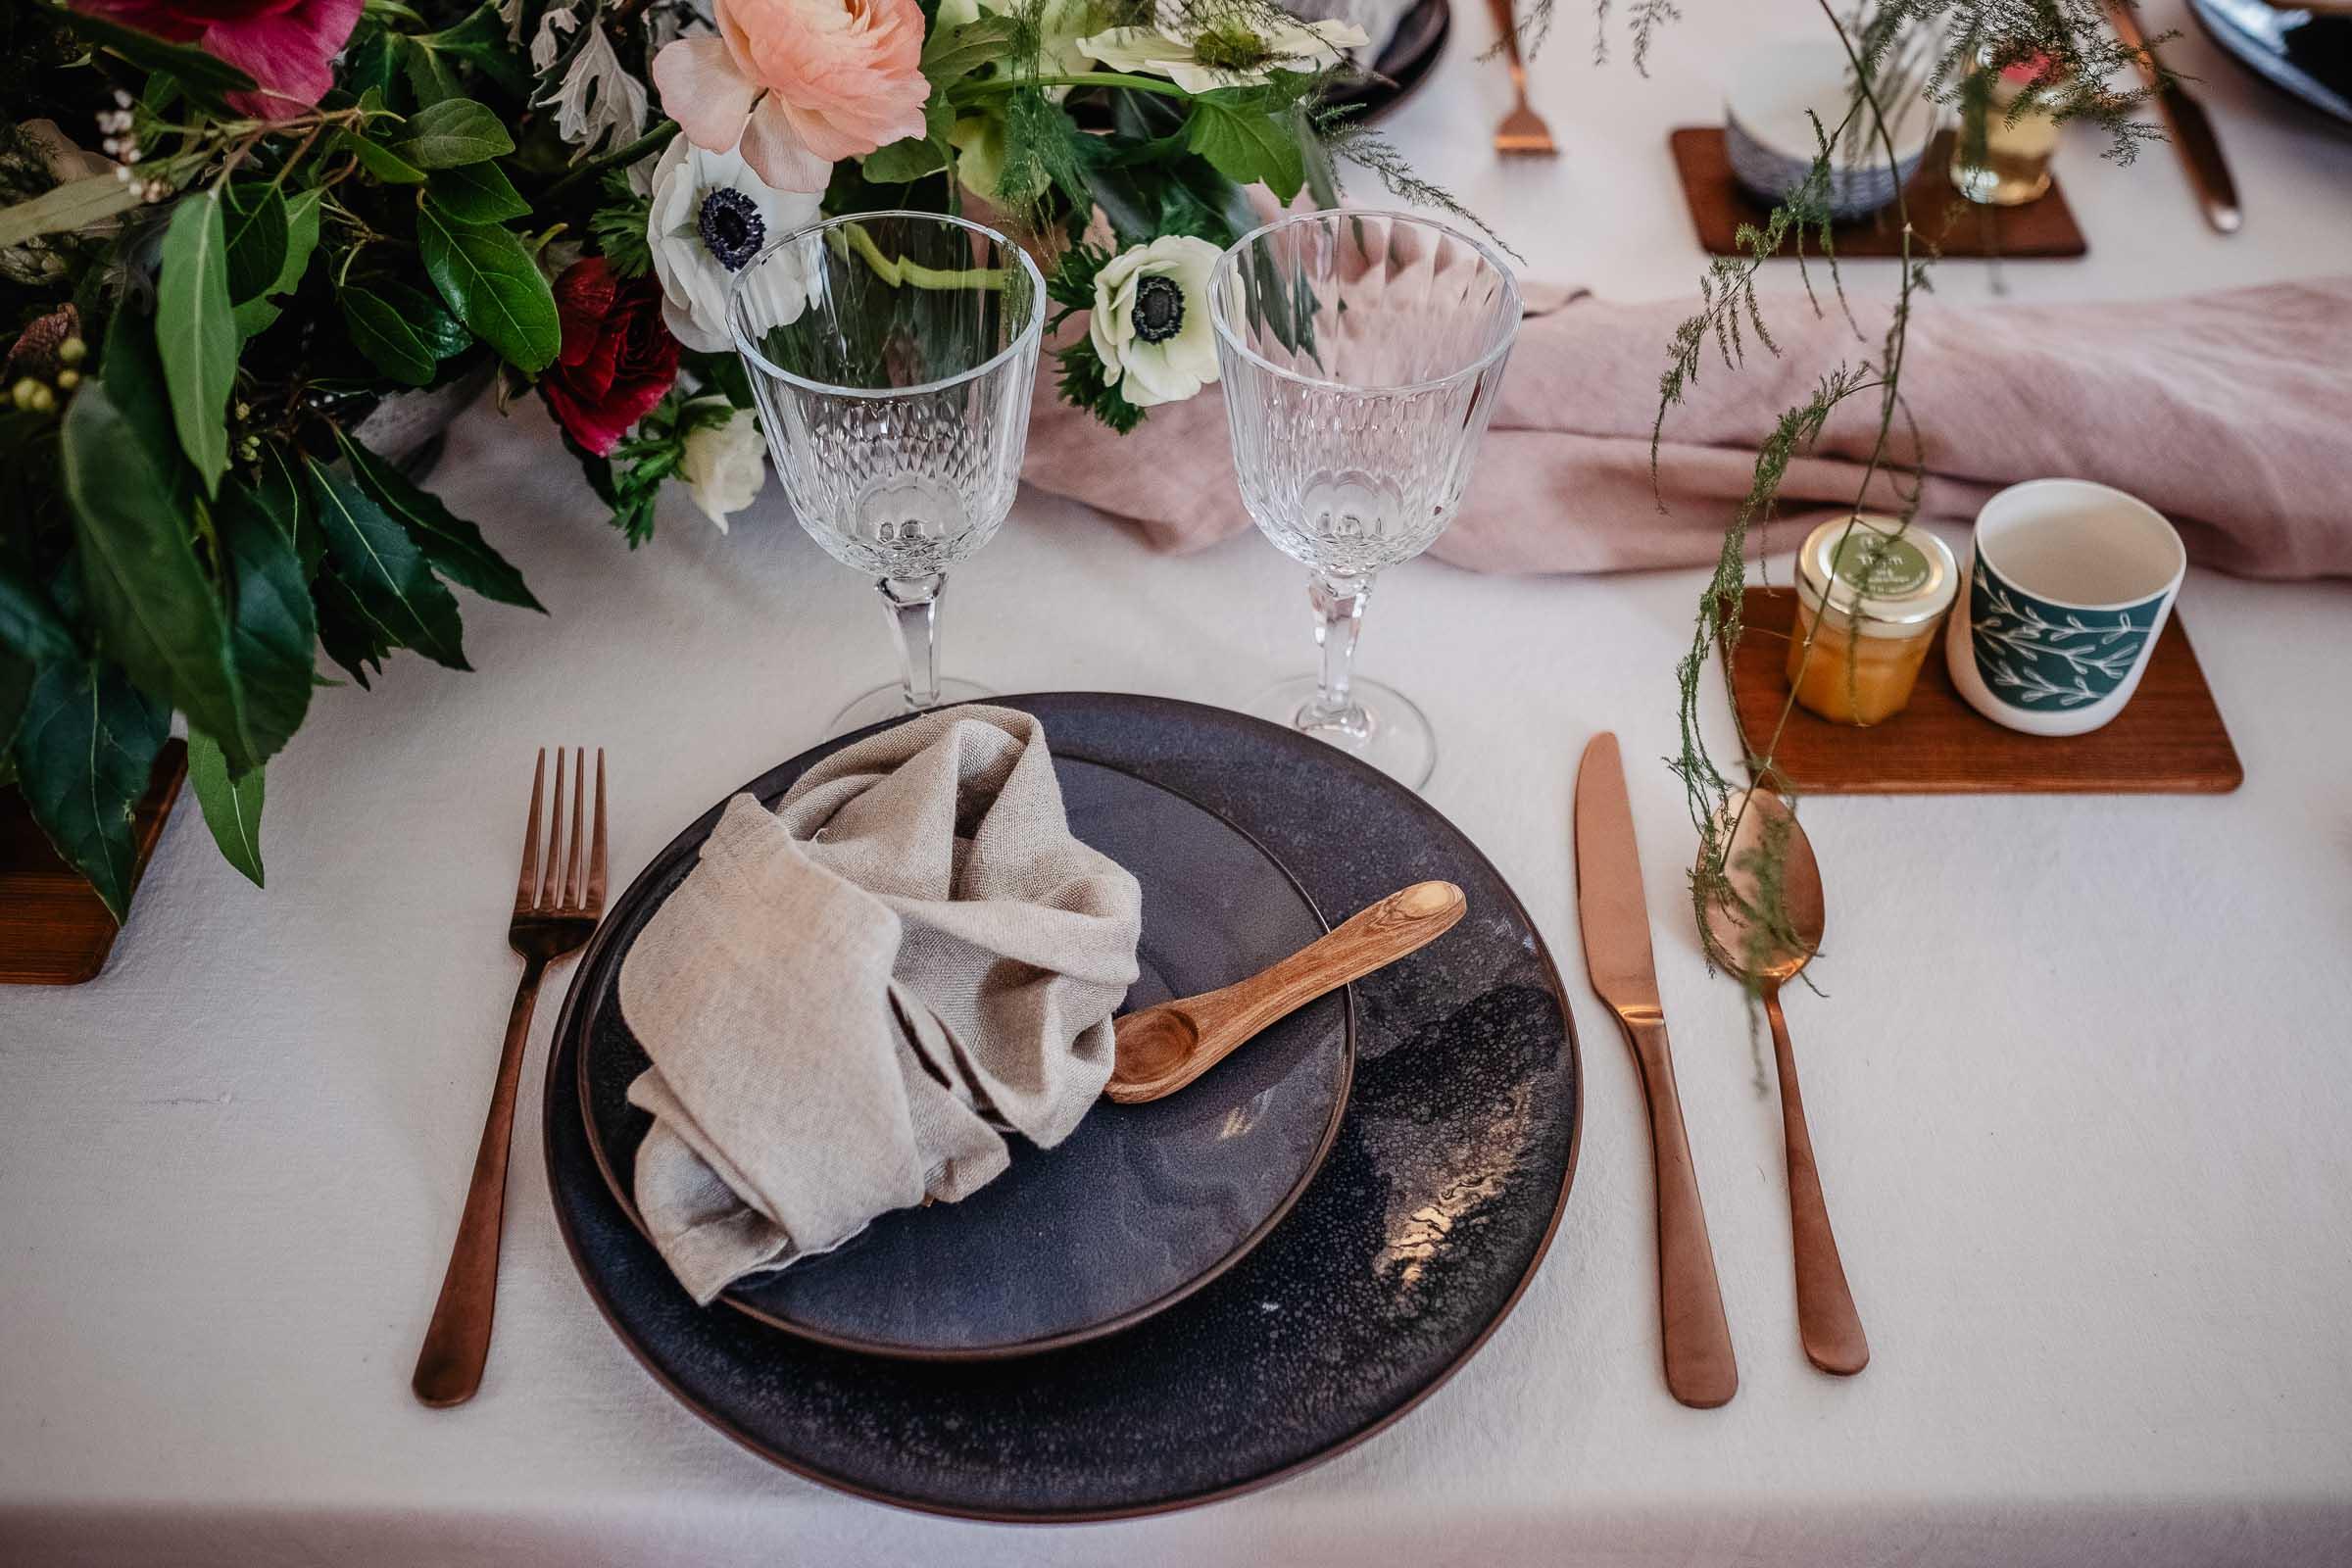 decoration vaisselle deco location mariage hiver nantes rennes